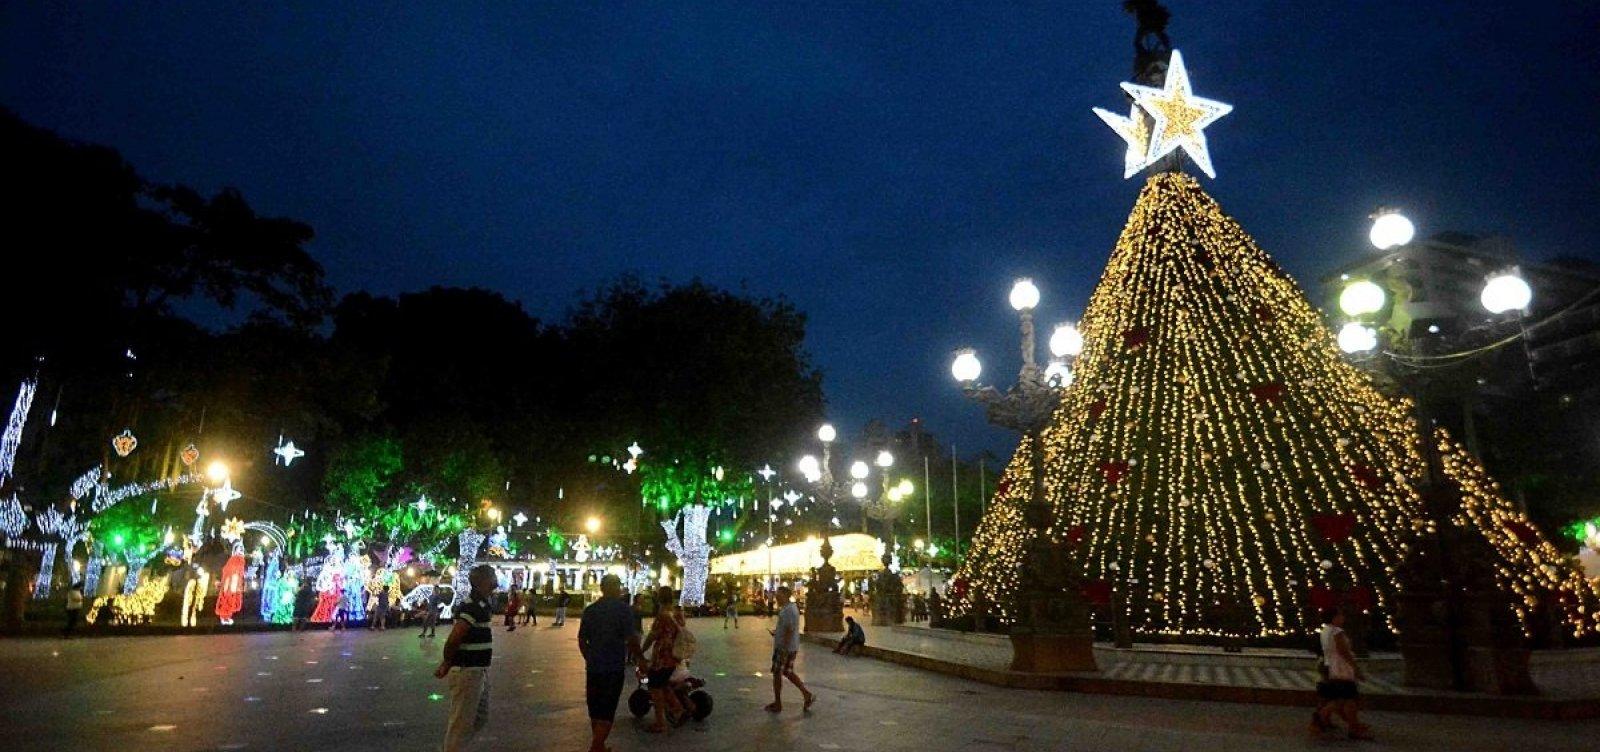 Iluminação natalina no Campo Grande terá perímetro de segurança no trânsito a partir de amanhã